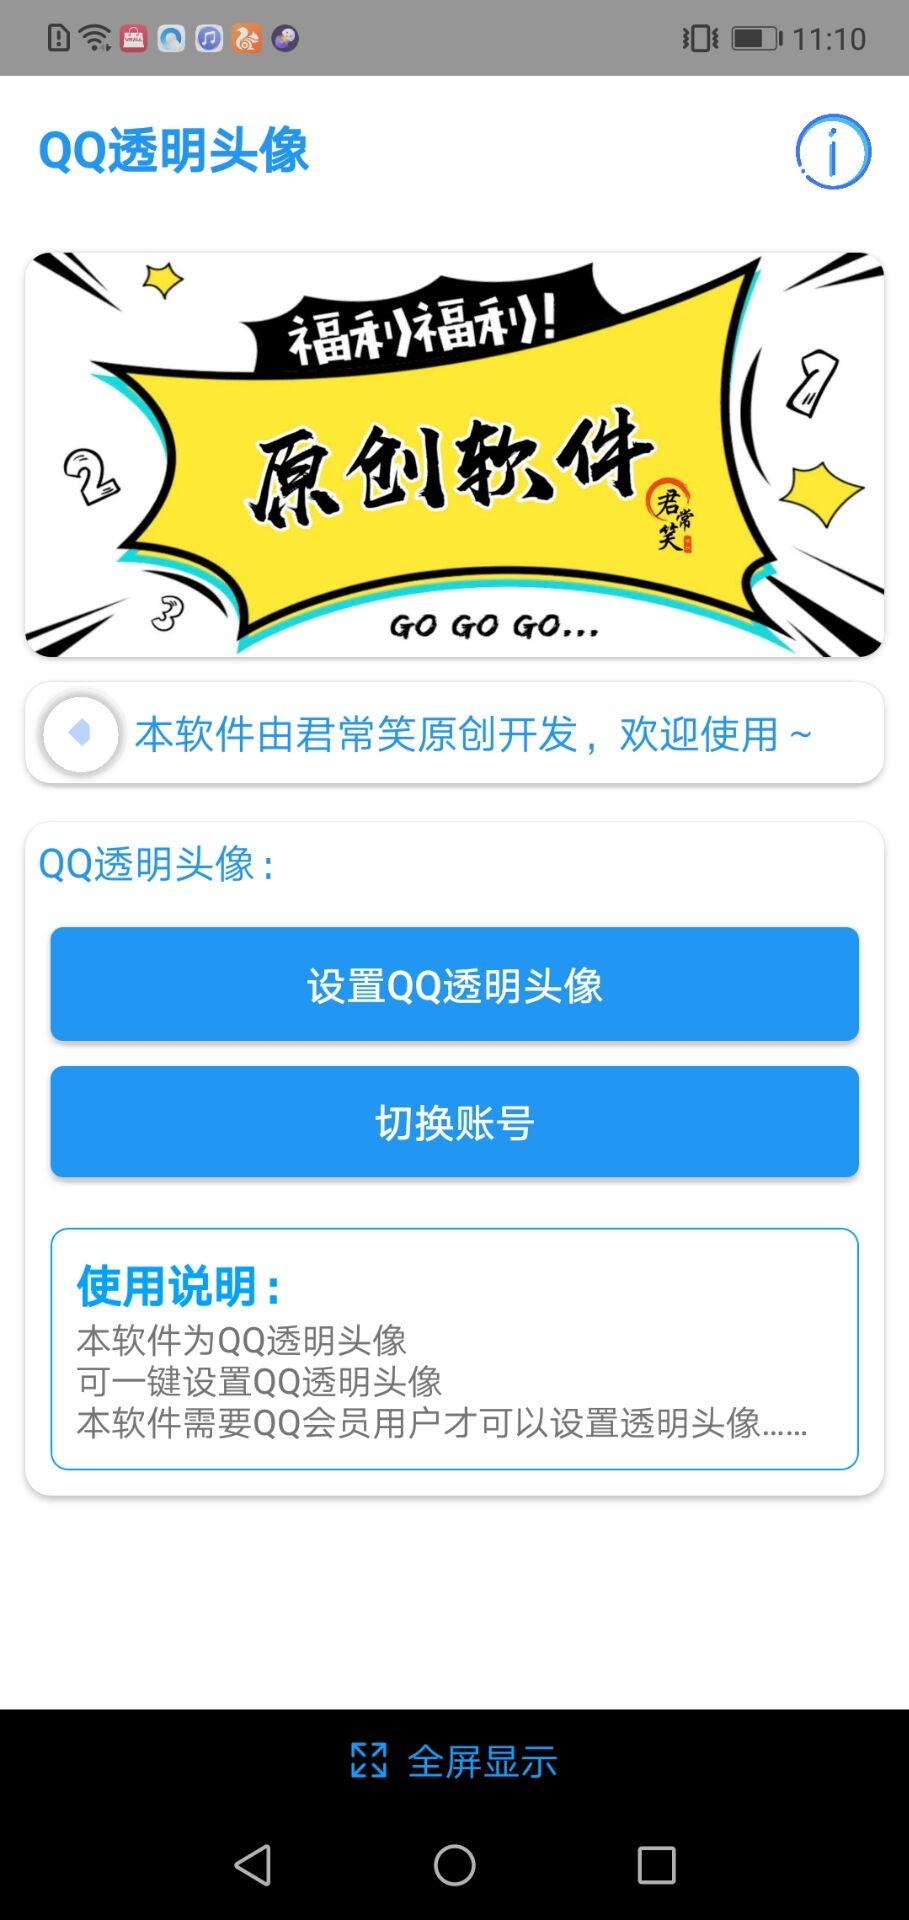 【资源分享】QQ透明头像(一键设置QQ透明头像)-爱小助